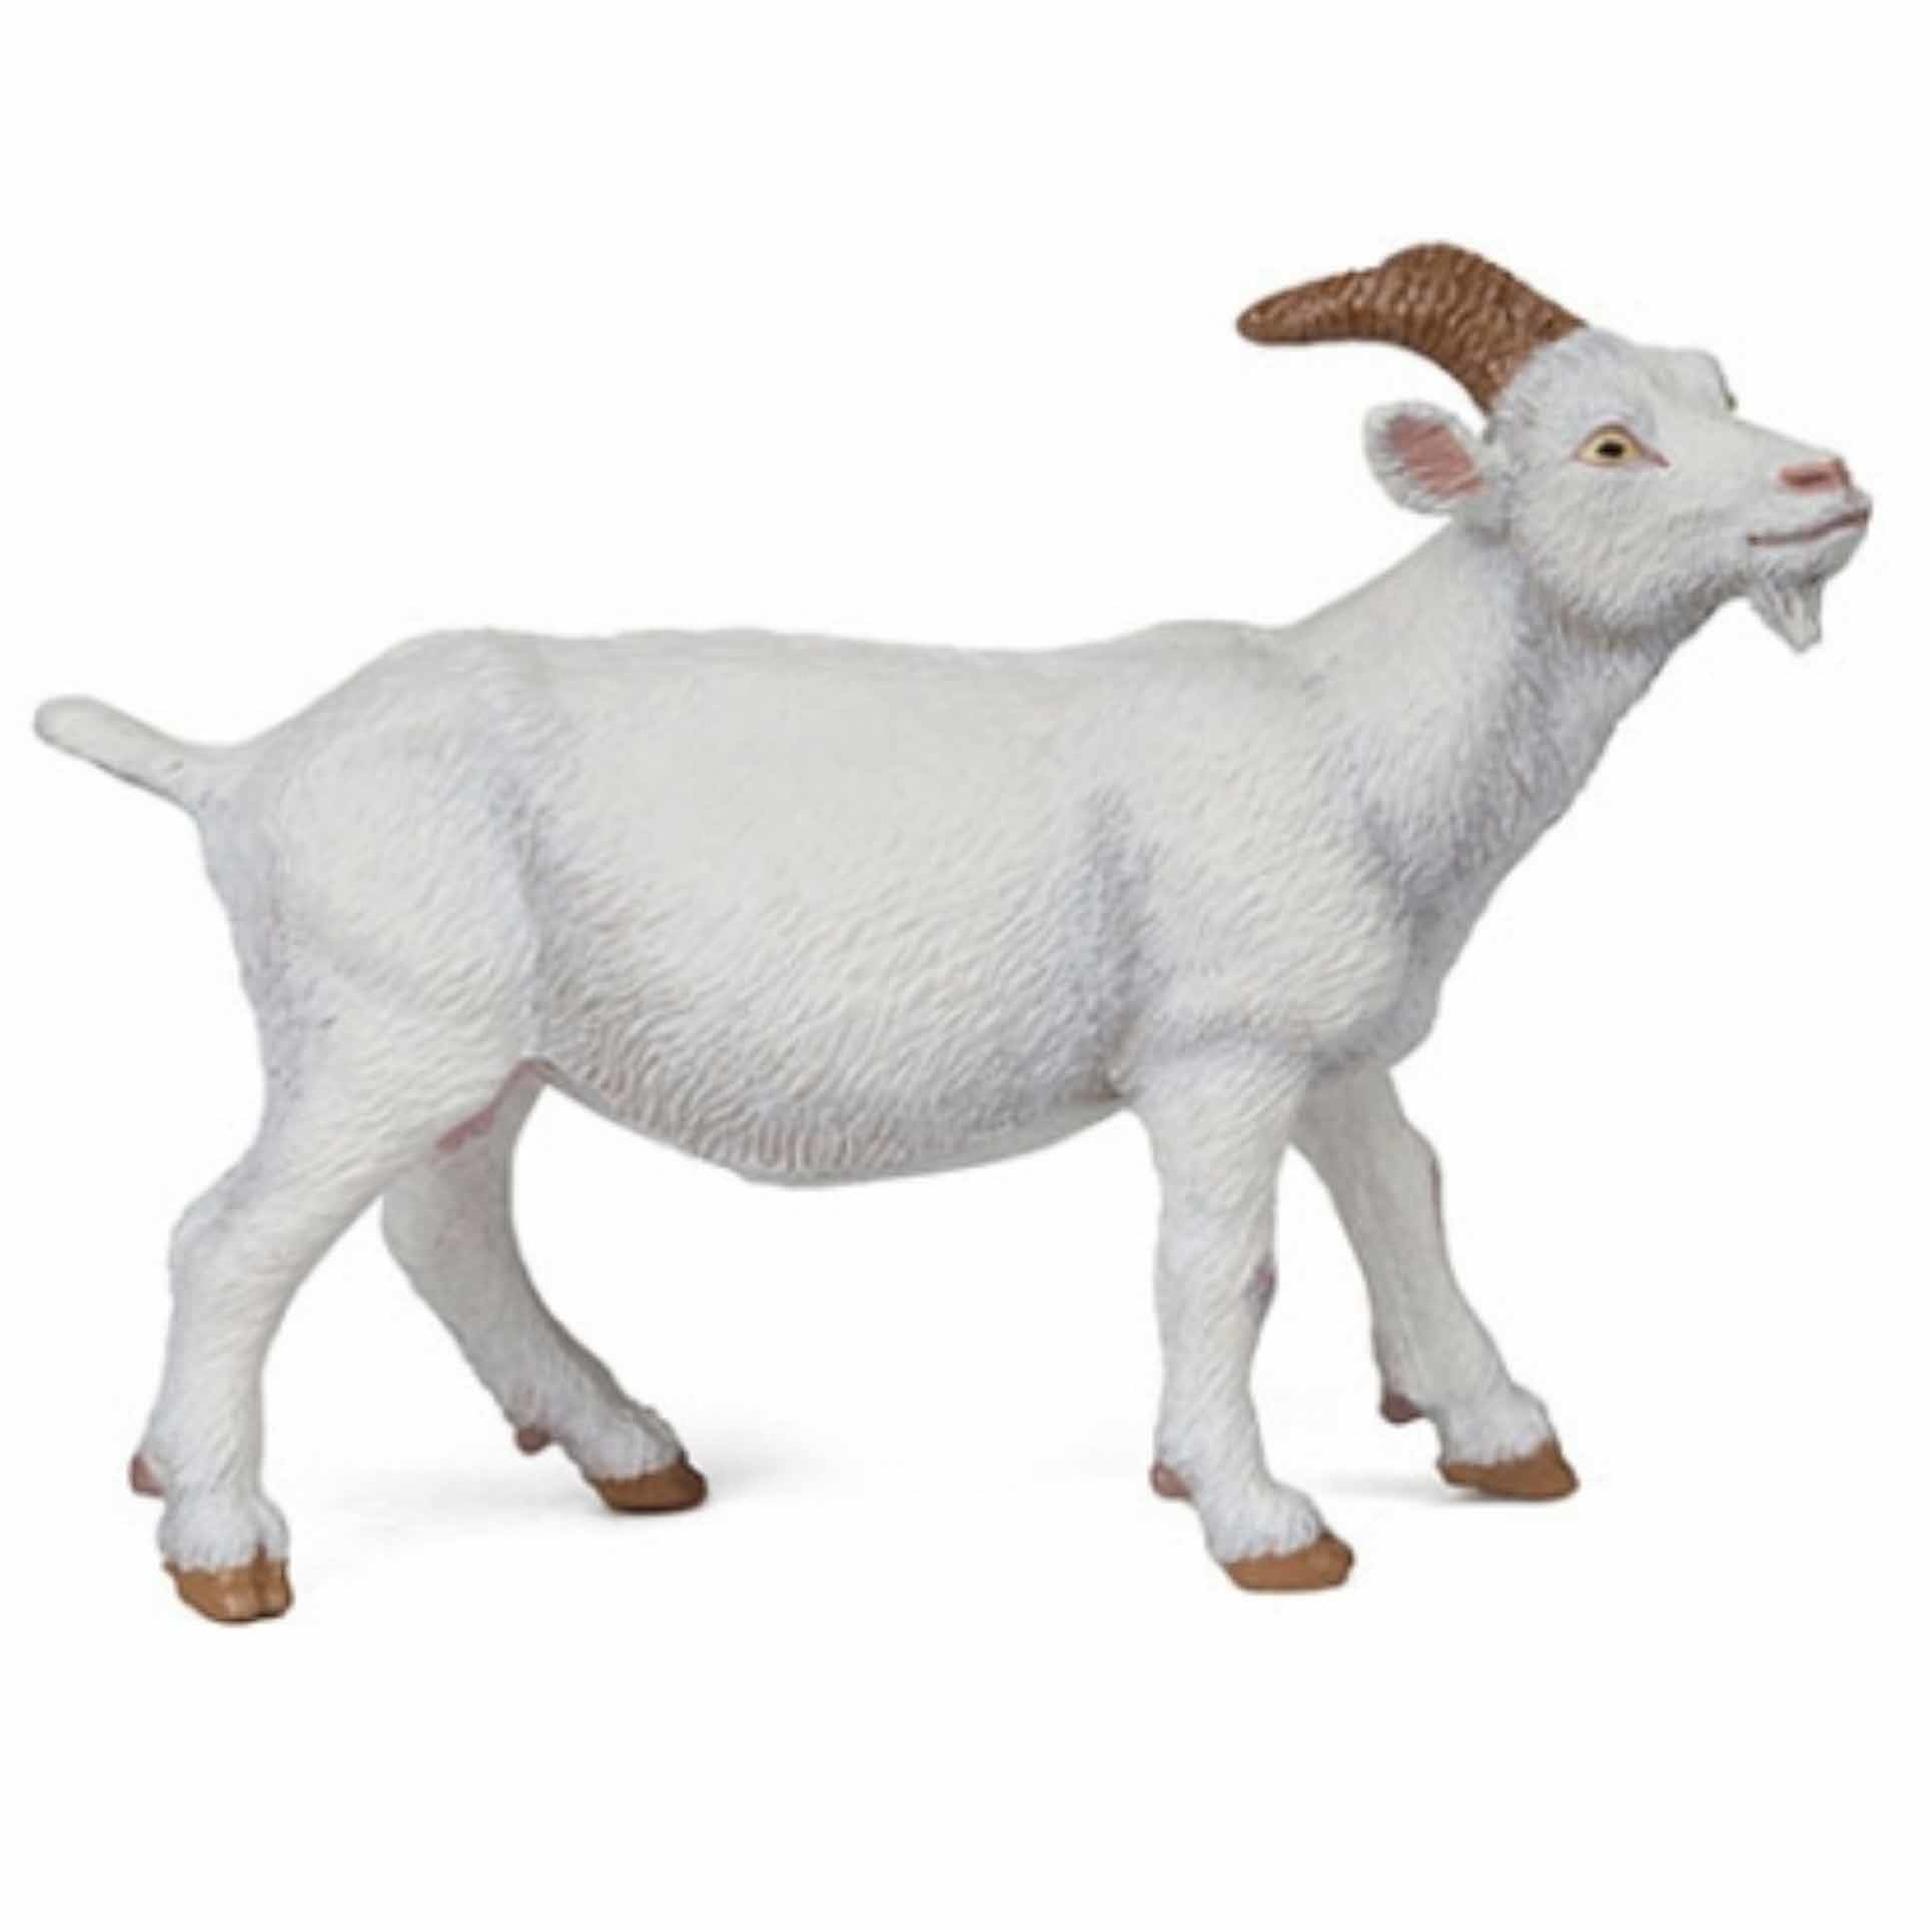 Witte geit speeldiertje 9 cm